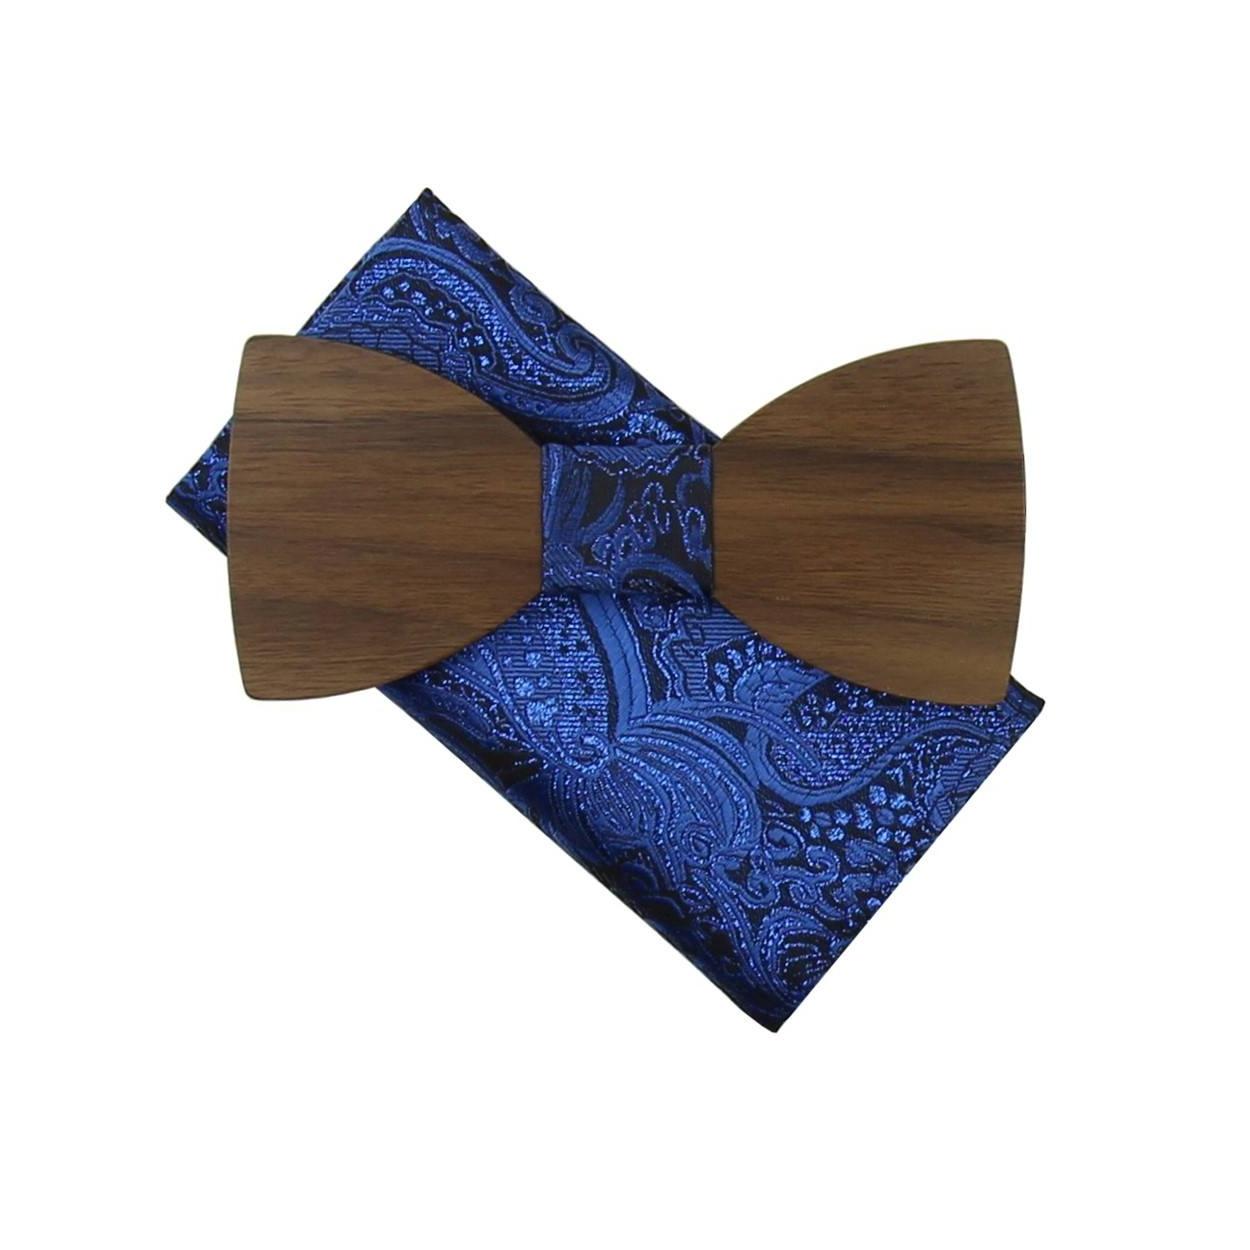 Modrý dřevěný motýlek